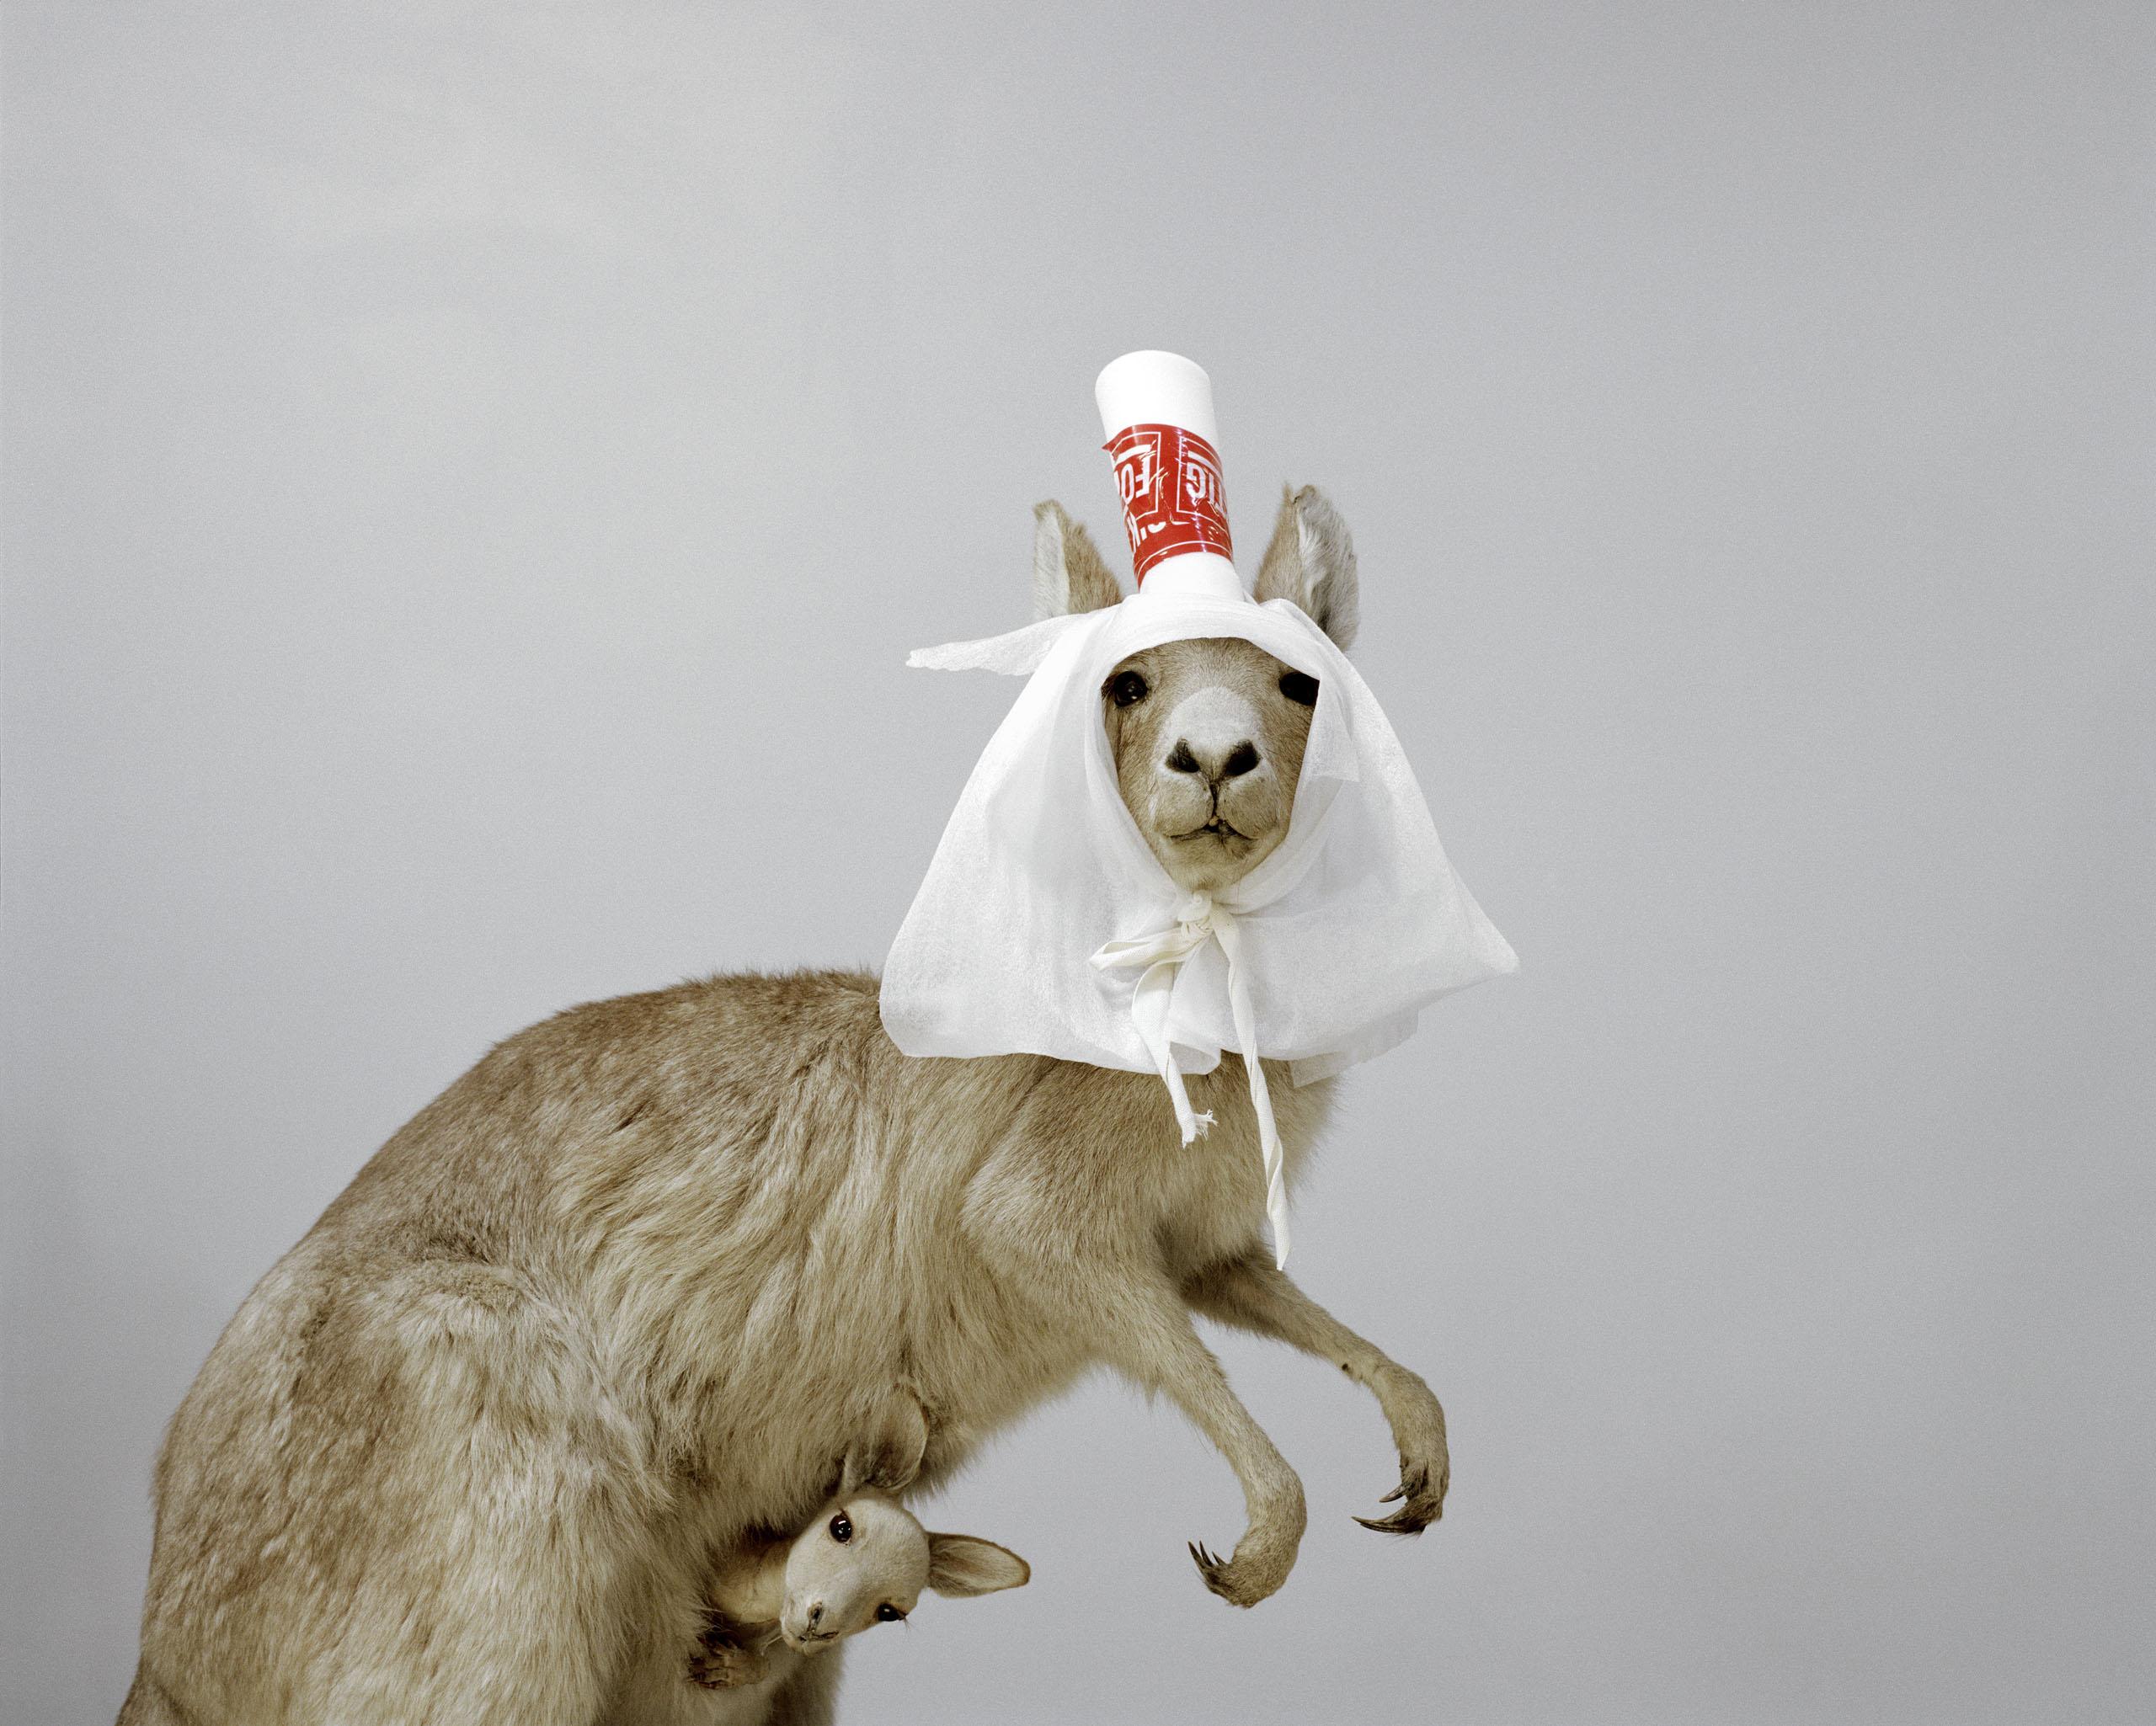 Kangaroo (Macropodidae)